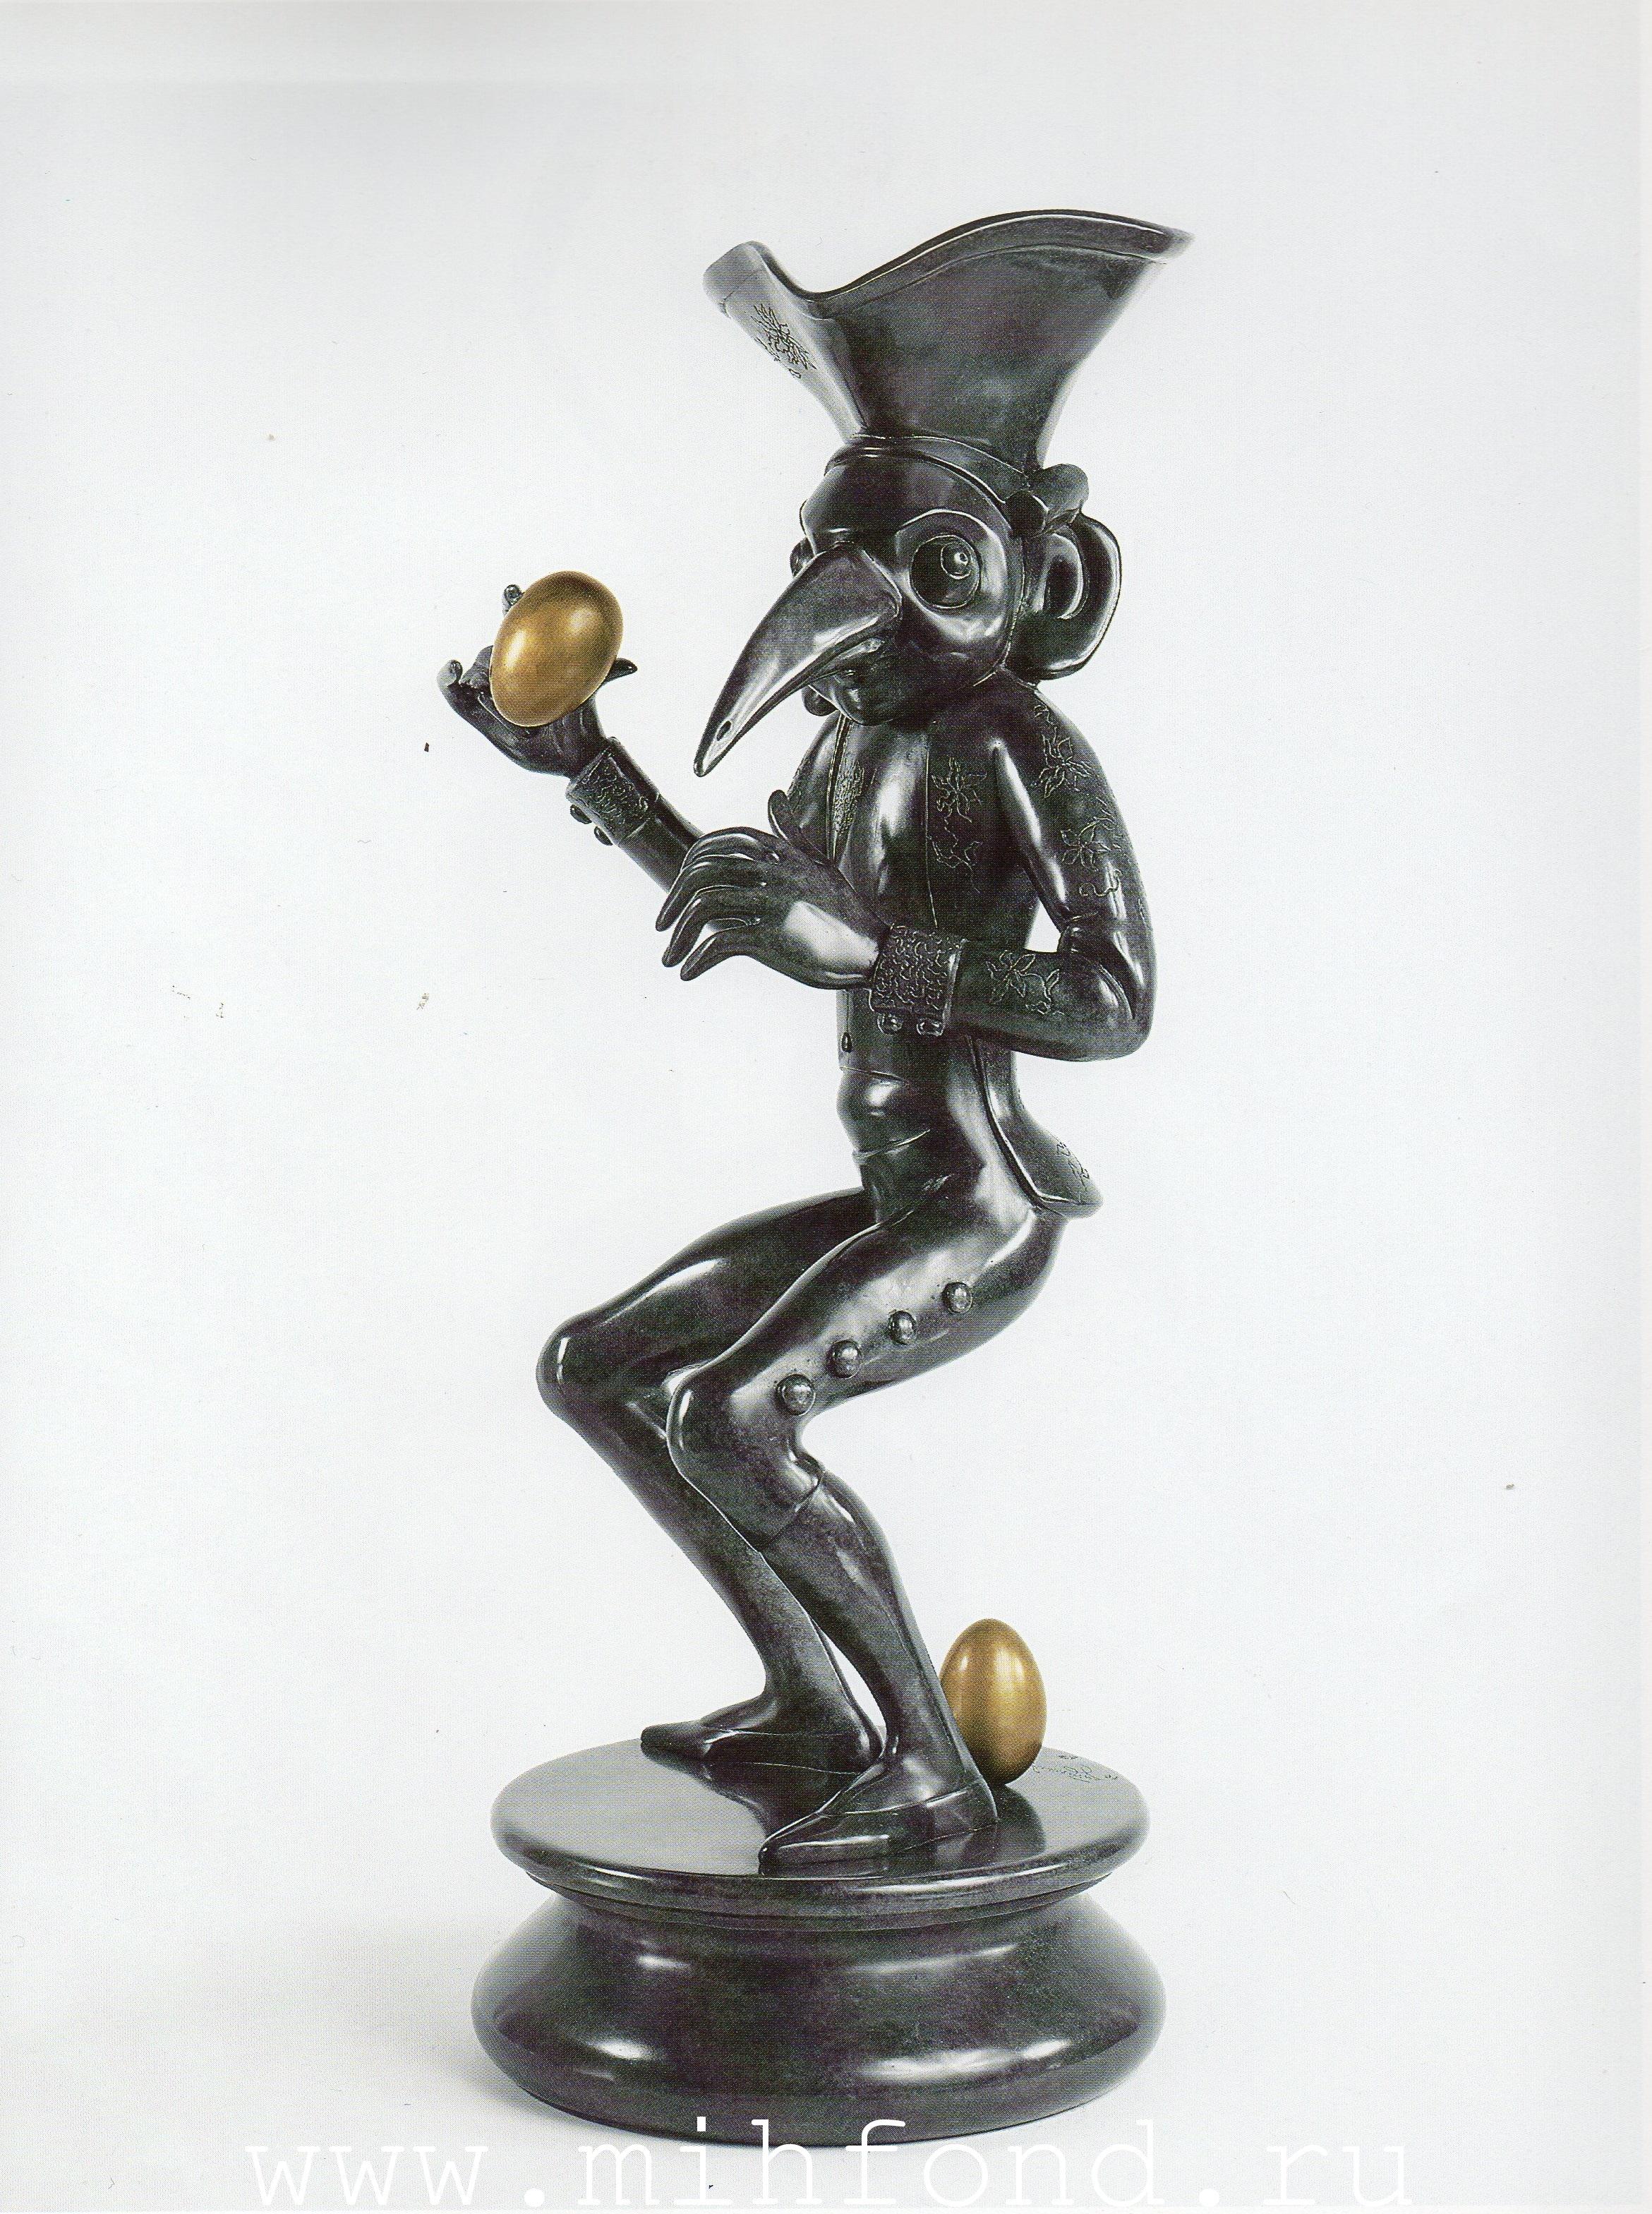 Бронзовая скульптура 'Карнавал Санкт-петербурга 11' Автор М.Шемякин